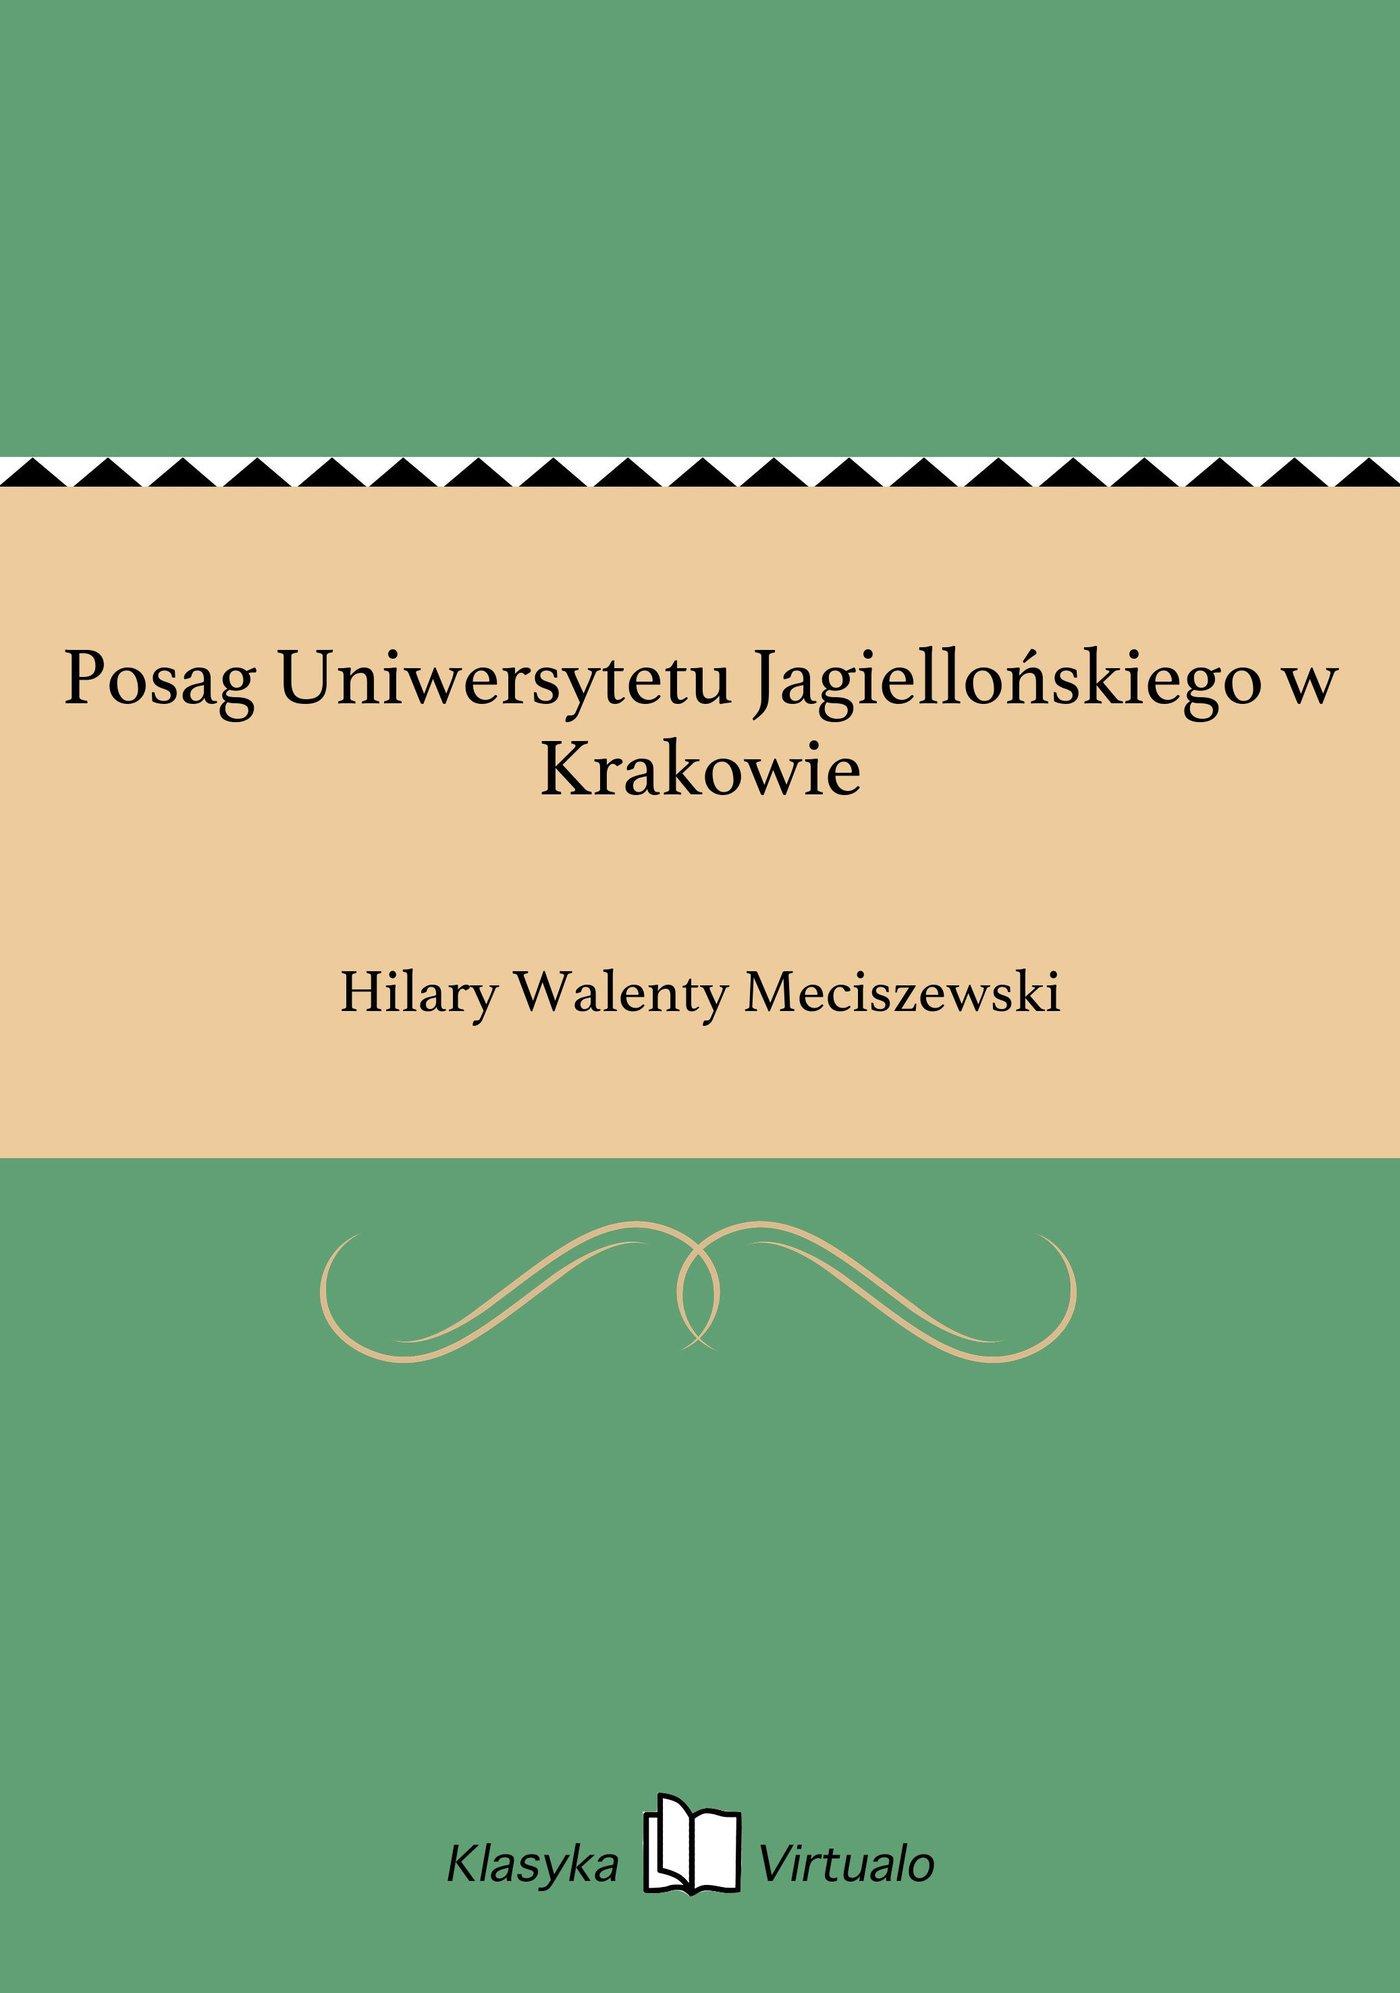 Posag Uniwersytetu Jagiellońskiego w Krakowie - Ebook (Książka na Kindle) do pobrania w formacie MOBI